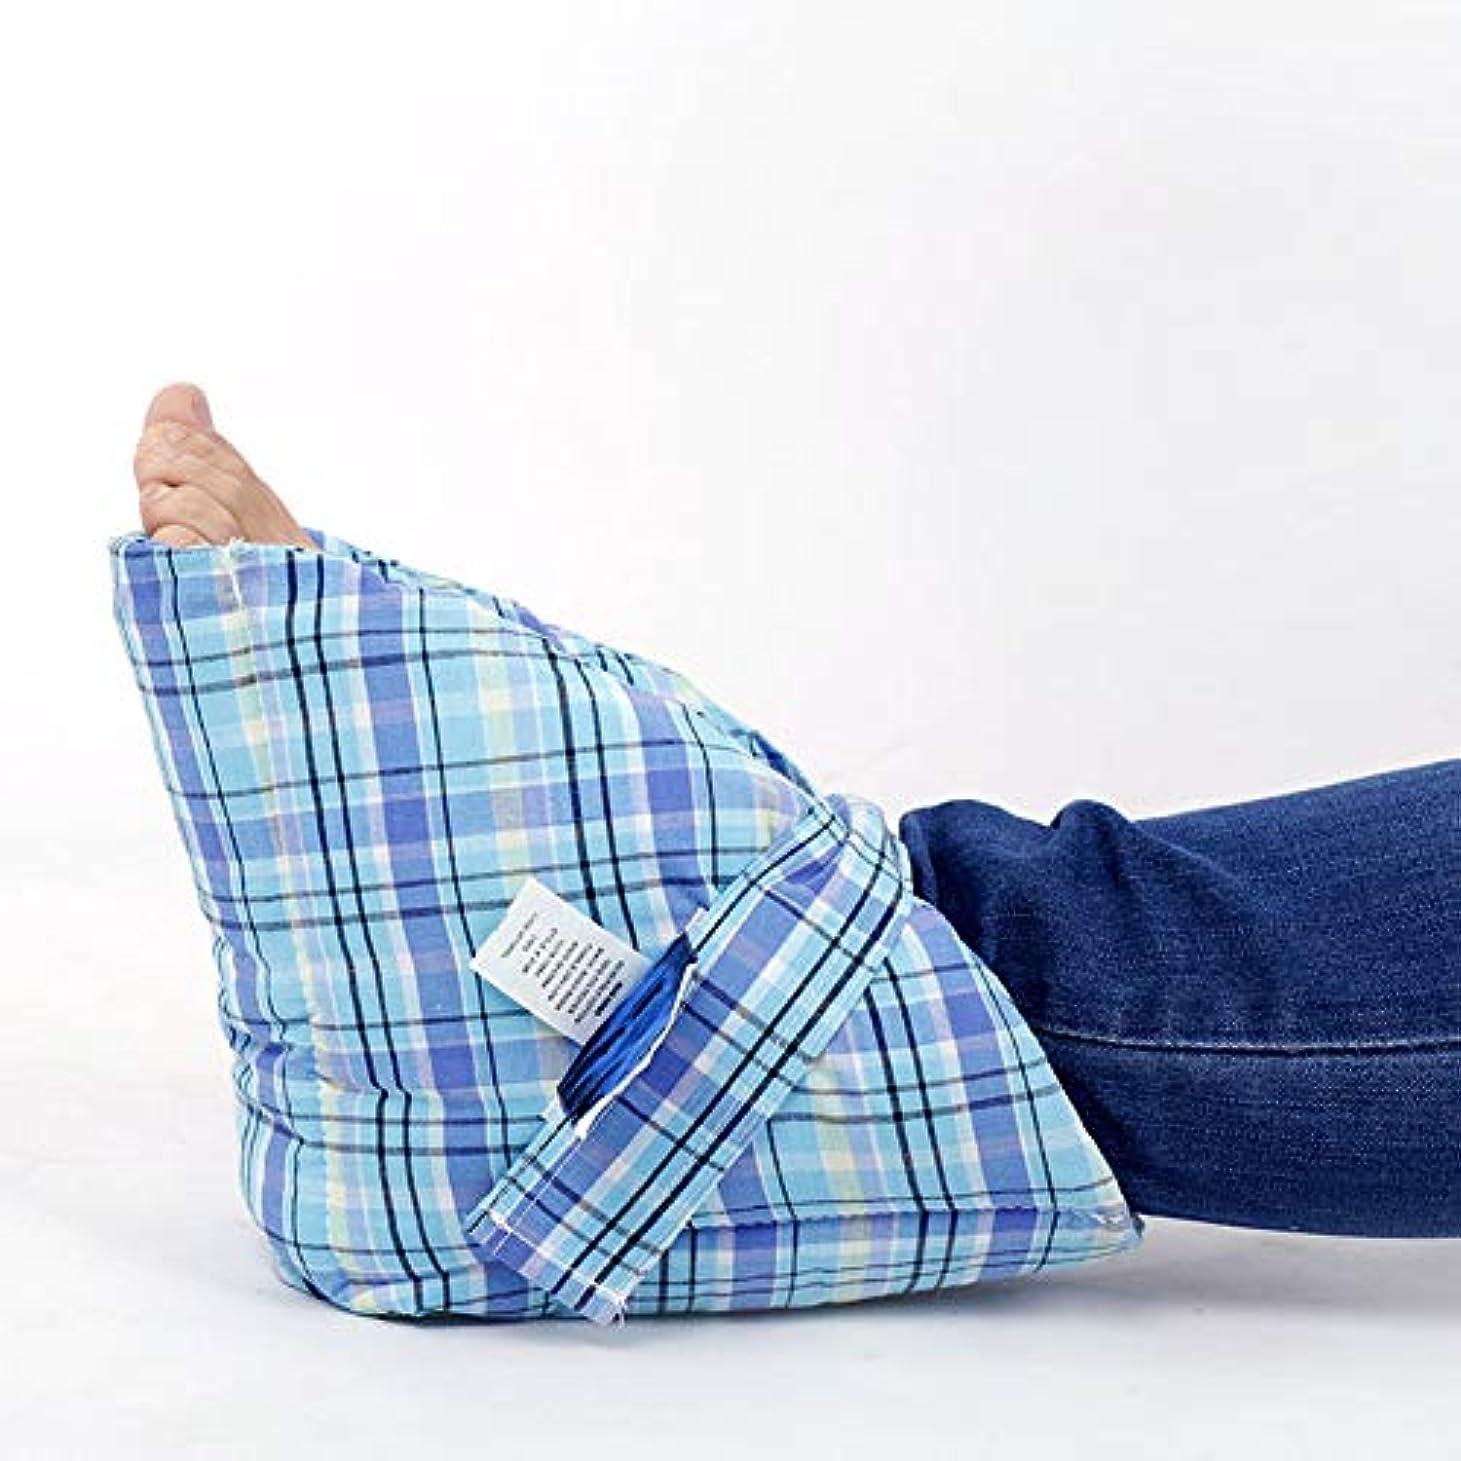 パラナ川タイムリーな下着抗床ずれヒールプロテクター枕、圧力緩和ヒールプロテクター、患者ケアヒールパッド足首プロテクタークッション、効果的な床ずれおよび足潰瘍緩和フットピロー (1PCS)